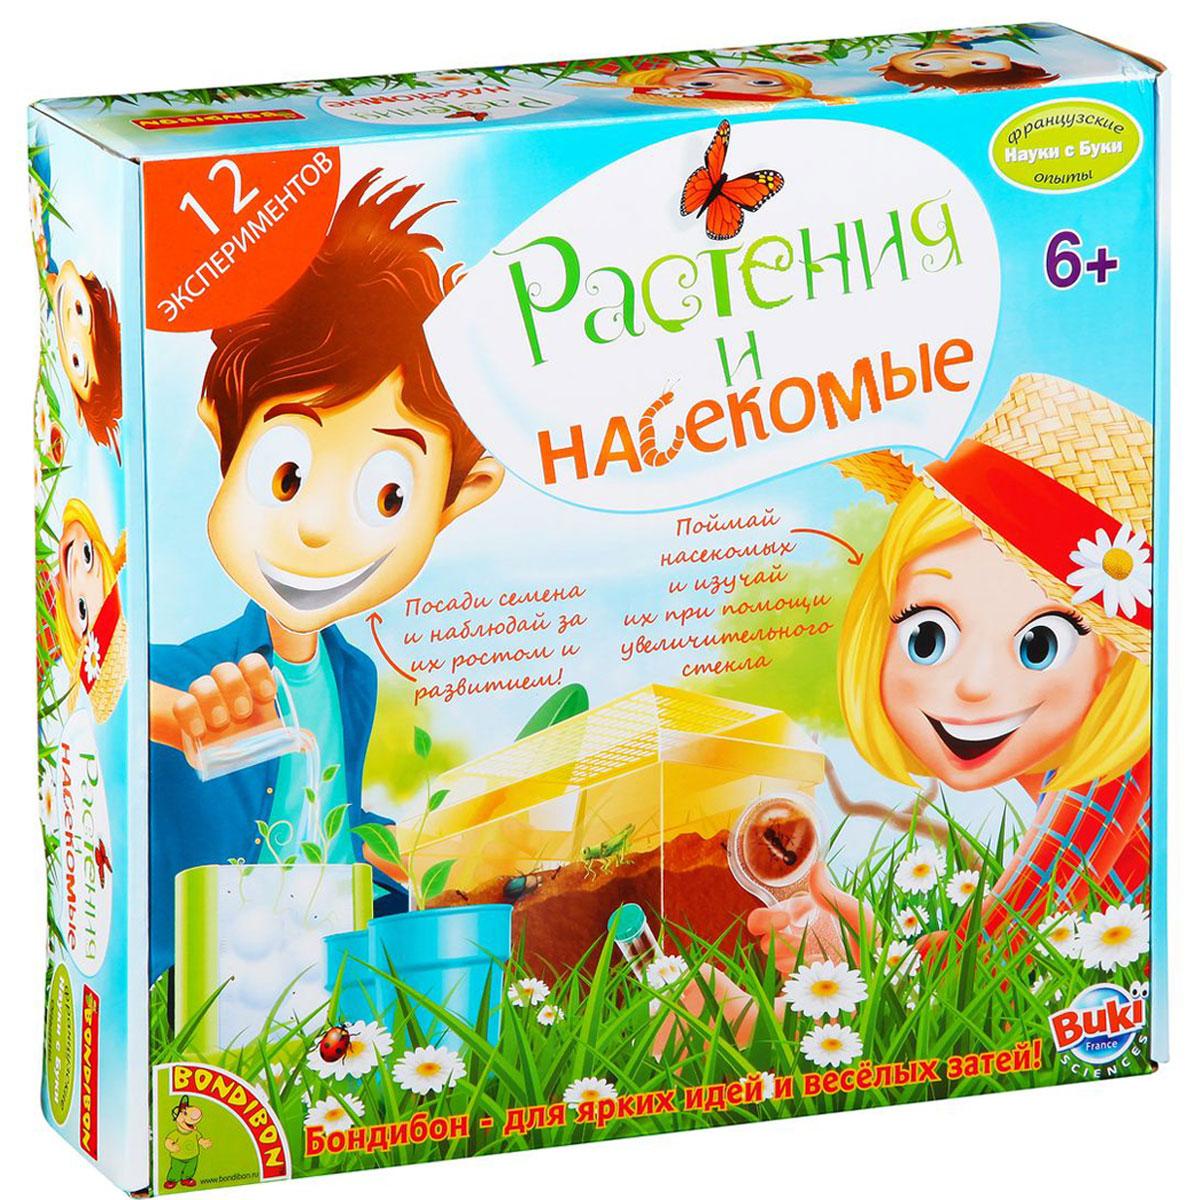 """Дети обожают наблюдать за природой. Они с интересом рассматривают жучков, кузнечиков, муравьев и бабочек, внимательно изучают их повадки, с удовольствием ухаживают за садовыми и огородными растениями. Теперь ребенок может делать это даже дома, не выезжая за город: научно-познавательный набор """"Растения и насекомые"""" - великолепный подарок юному натуралисту! Его ждет множество увлекательных экспериментов - простых, но очень интересных! С этим набором каждый сможет увидеть даже то, что в природе скрыто от наблюдения. Как гусеница превращается в бабочку, как земляные черви роют под землей свои замысловатые ходы или как прорастает пшеничное зерно - наблюдение за всеми этими процессами не только невероятно интересно, но и очень познавательно."""